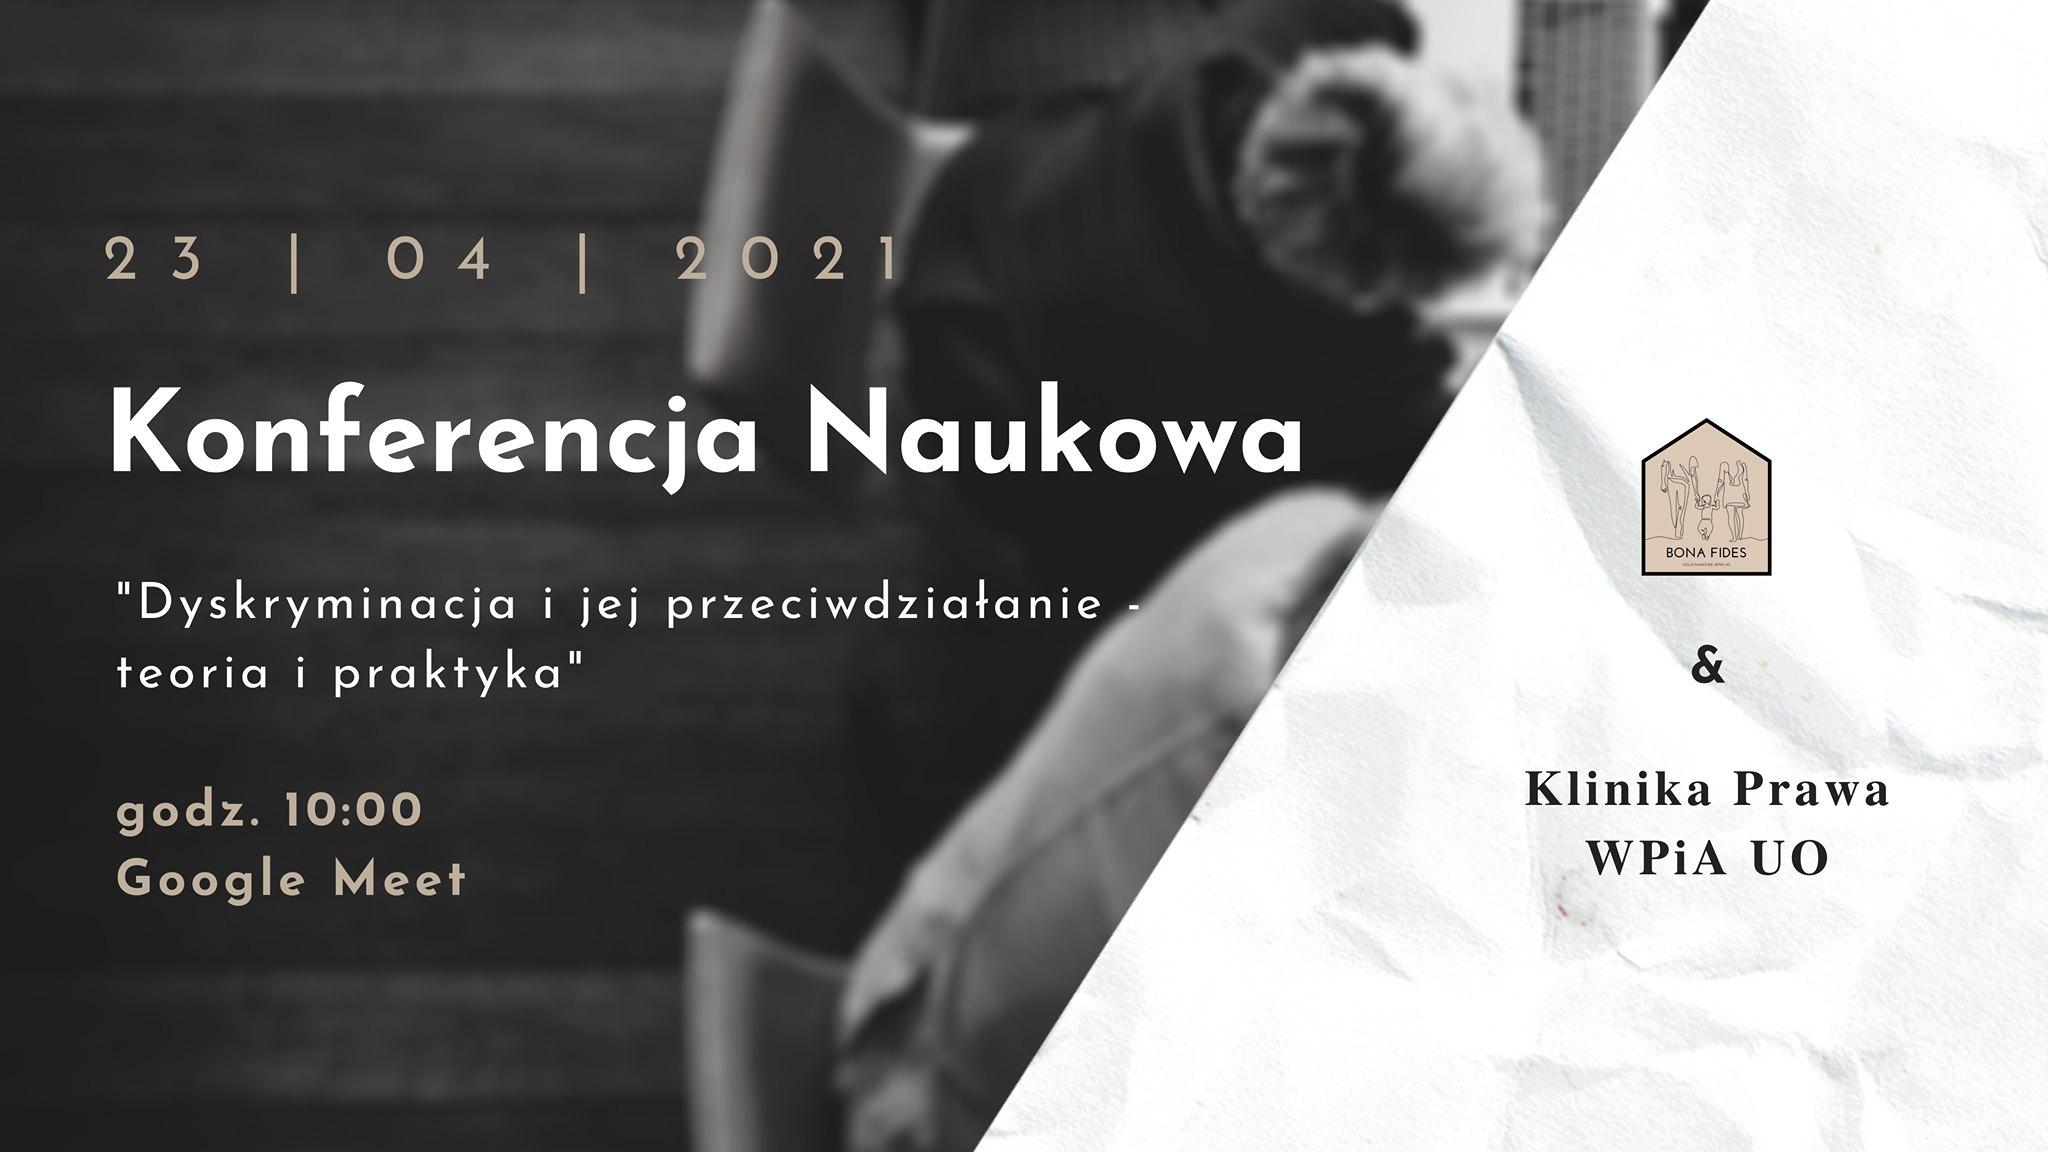 Radio Opole IV Ogólnopolską Konferencję Naukową pt. 'Dyskryminacja i jej przeciwdziałanie – teoria i praktyka' objęło patronatem medialnym